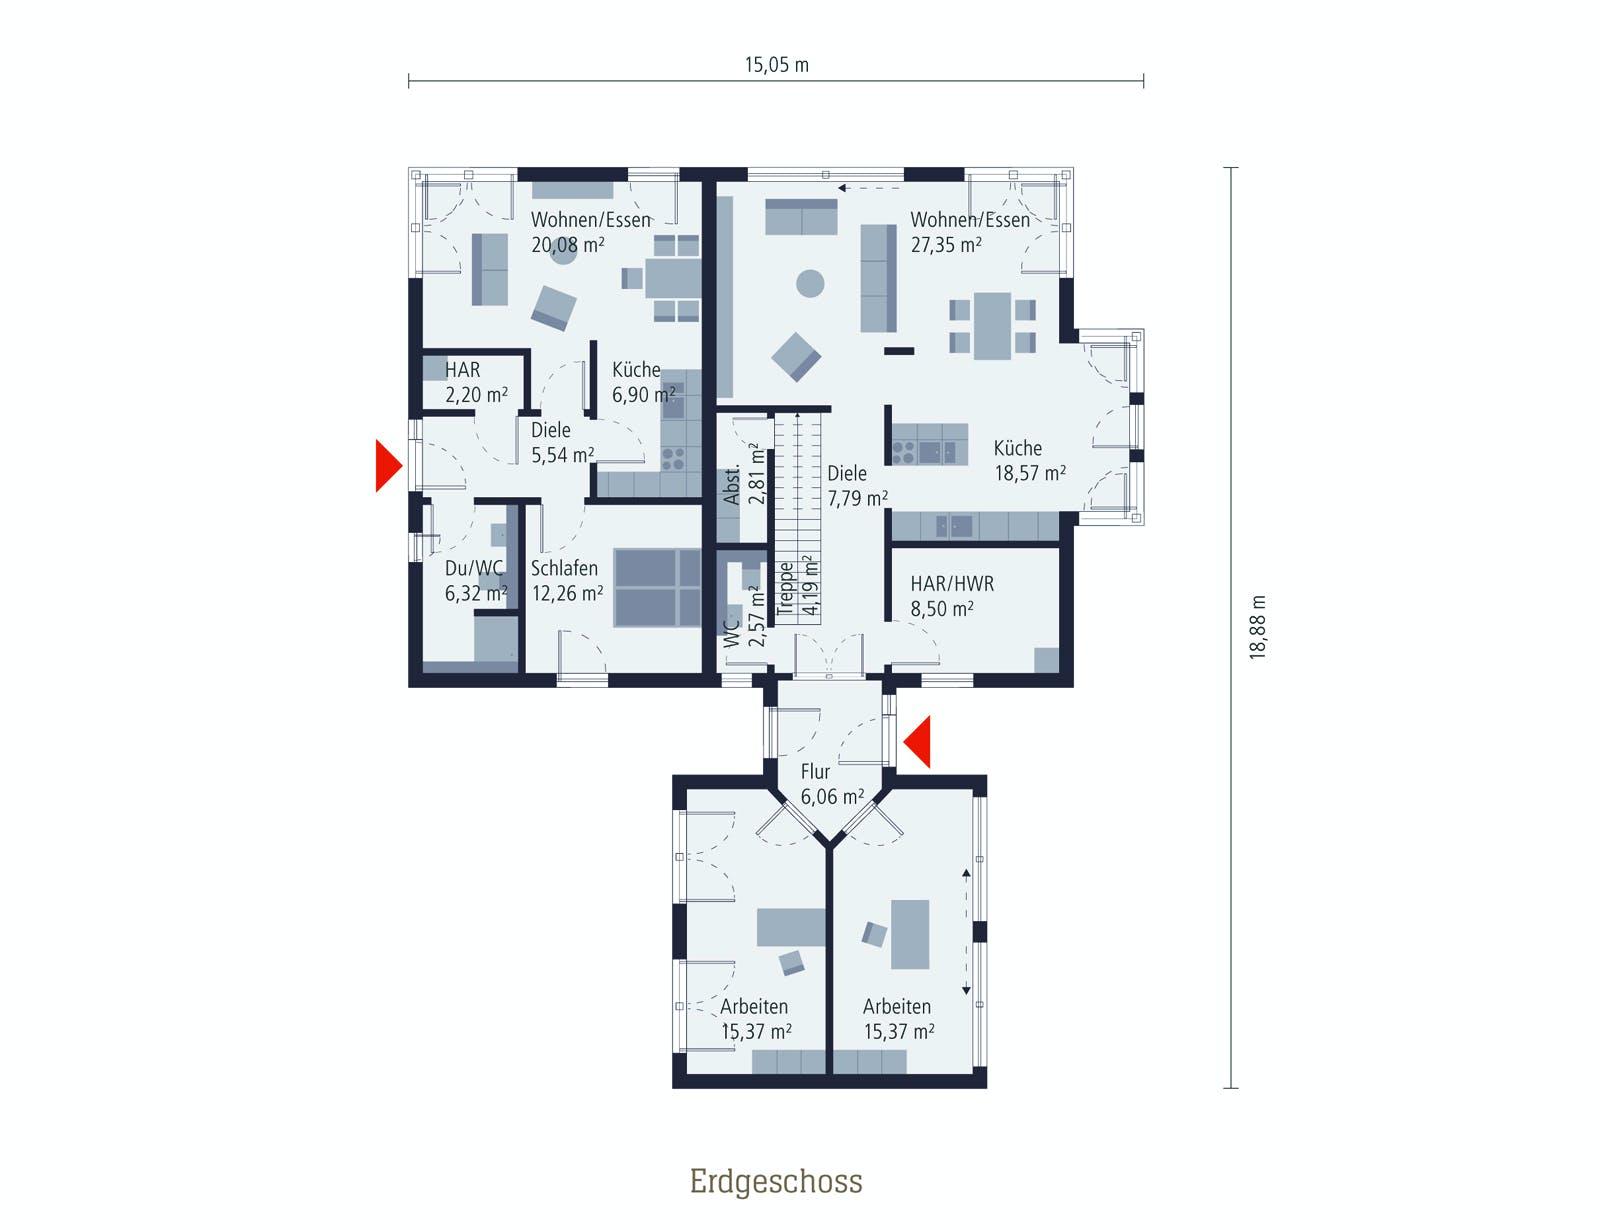 Grundriss eines Zweifamilienhauses mit Einliegerwohnung im Erdgeschoss